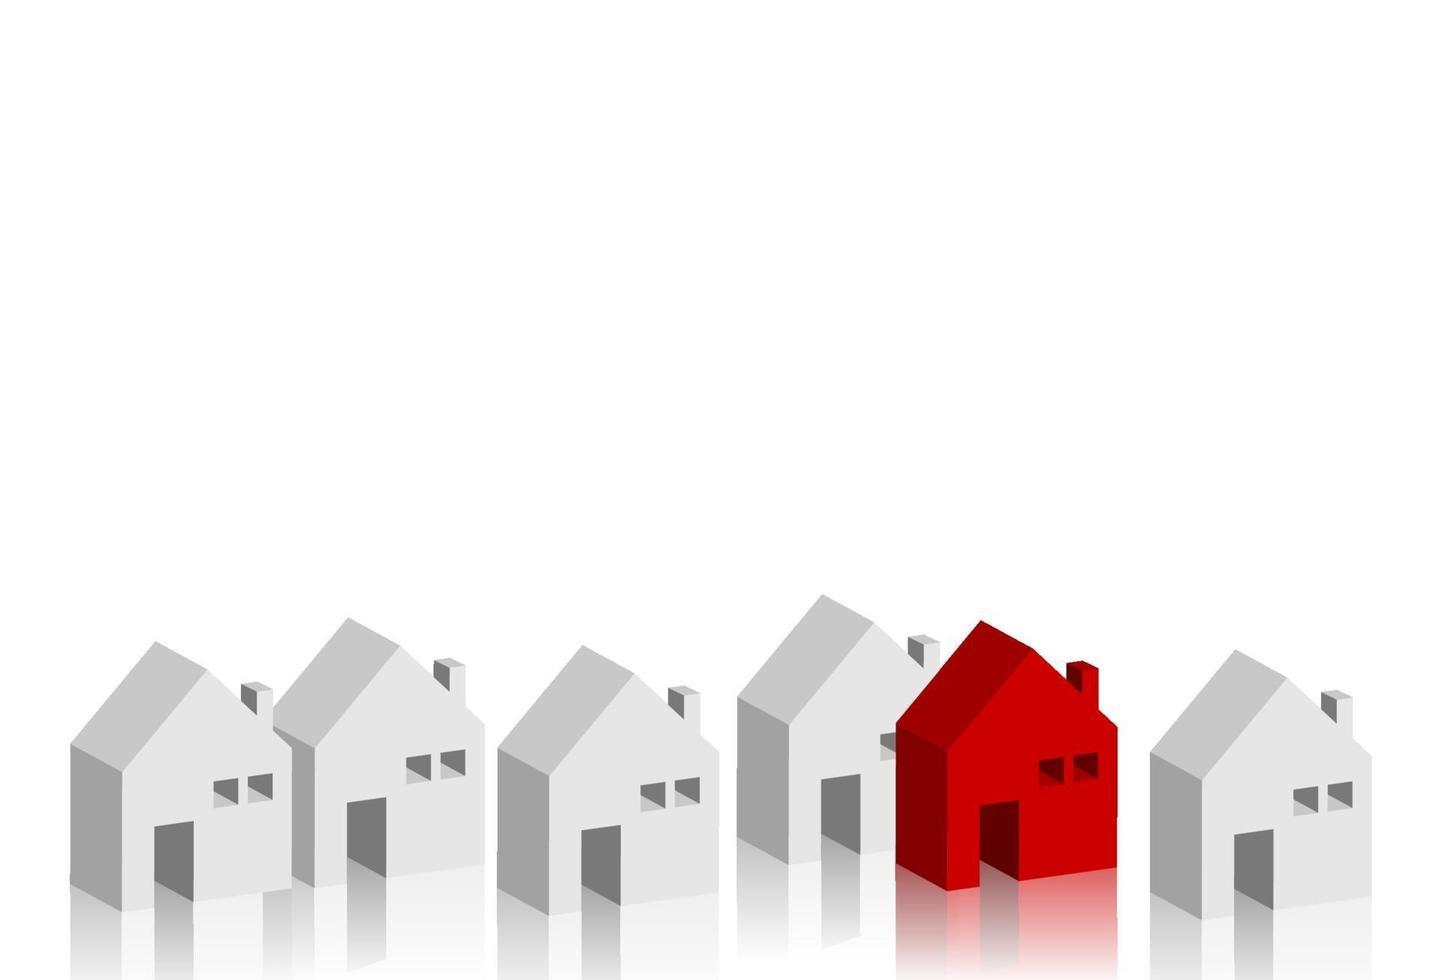 Ilustración de vector de concepto de negocio de edificios de diseño isométrico casero